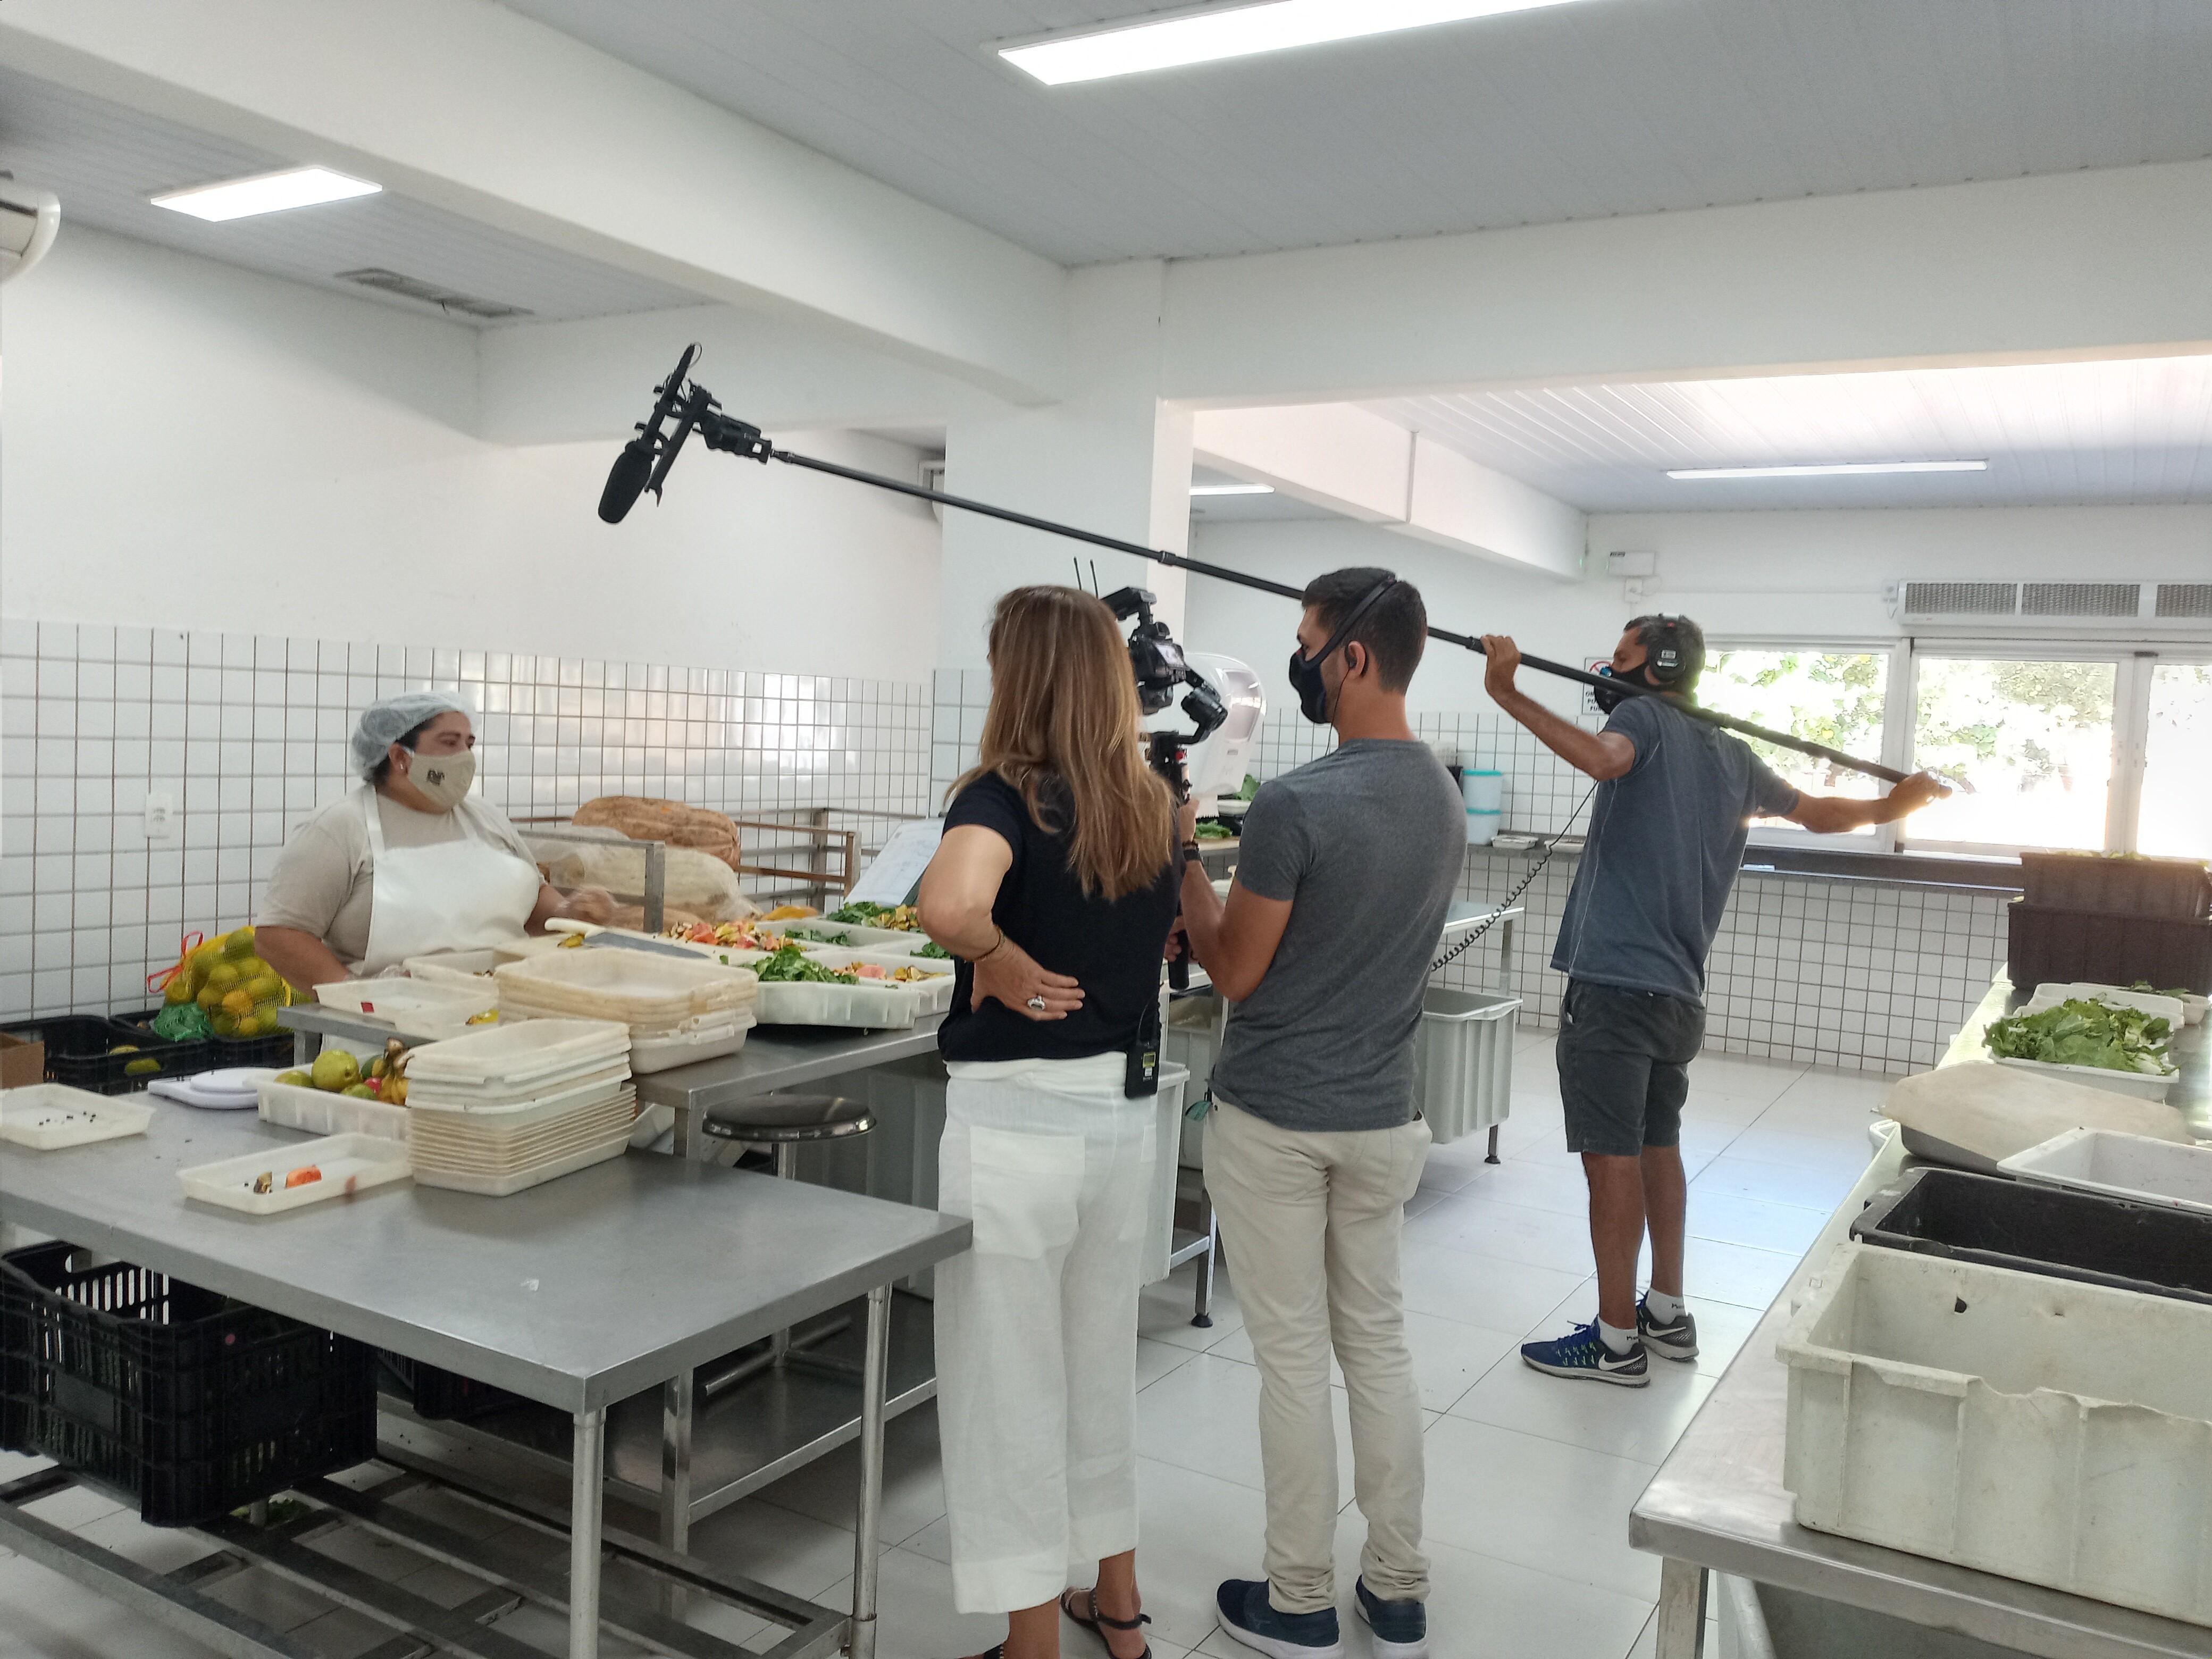 FOTOS: veja os bastidores das gravações do Globo Repórter sobre os bioparques